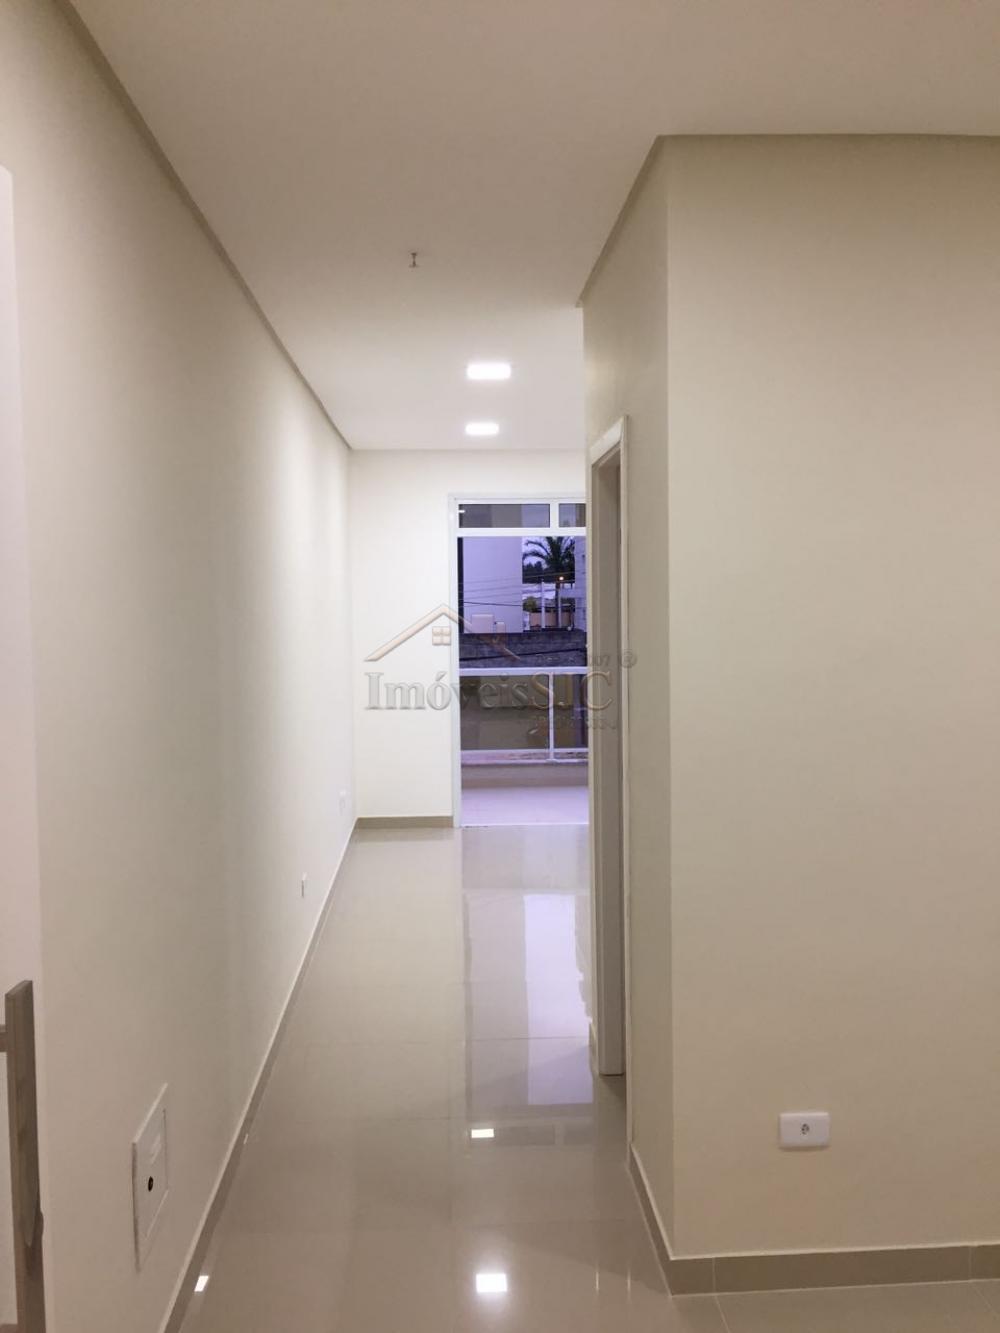 Alugar Comerciais / Sala em São José dos Campos apenas R$ 1.050,00 - Foto 8